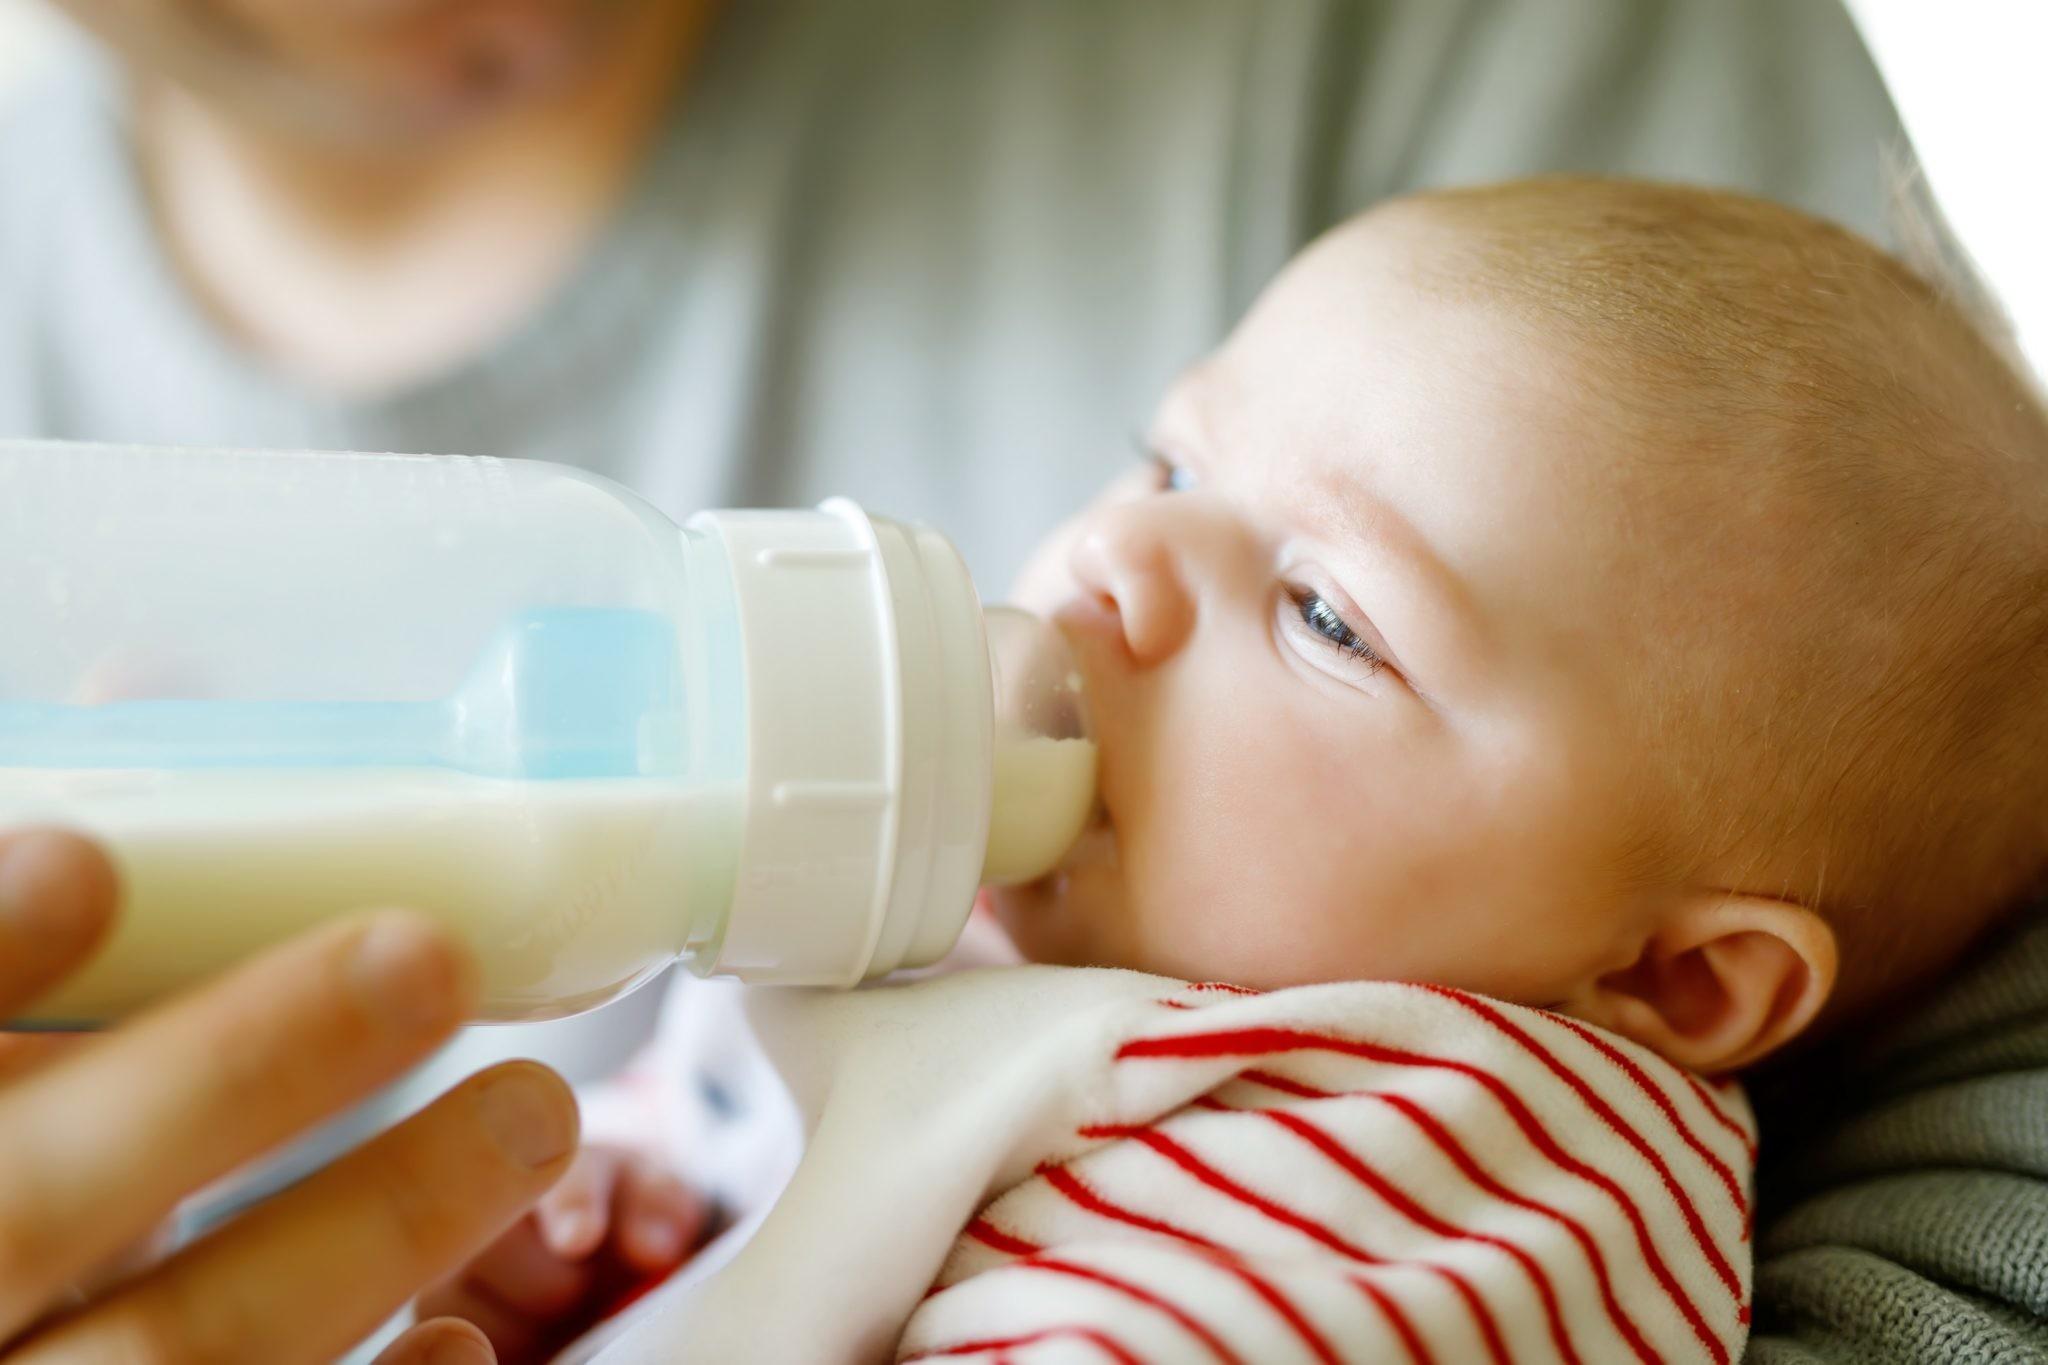 Аллергия на молоко у ребенка: как распознать и чем кормить